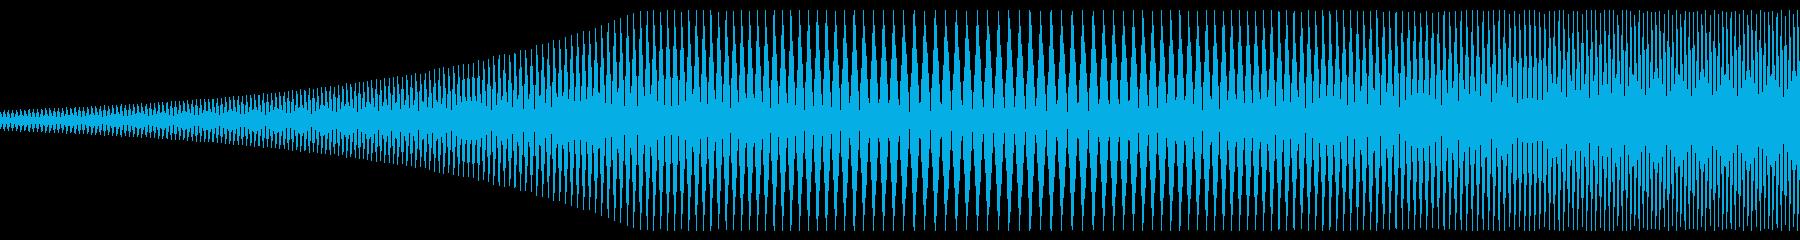 ミィーウウィの再生済みの波形